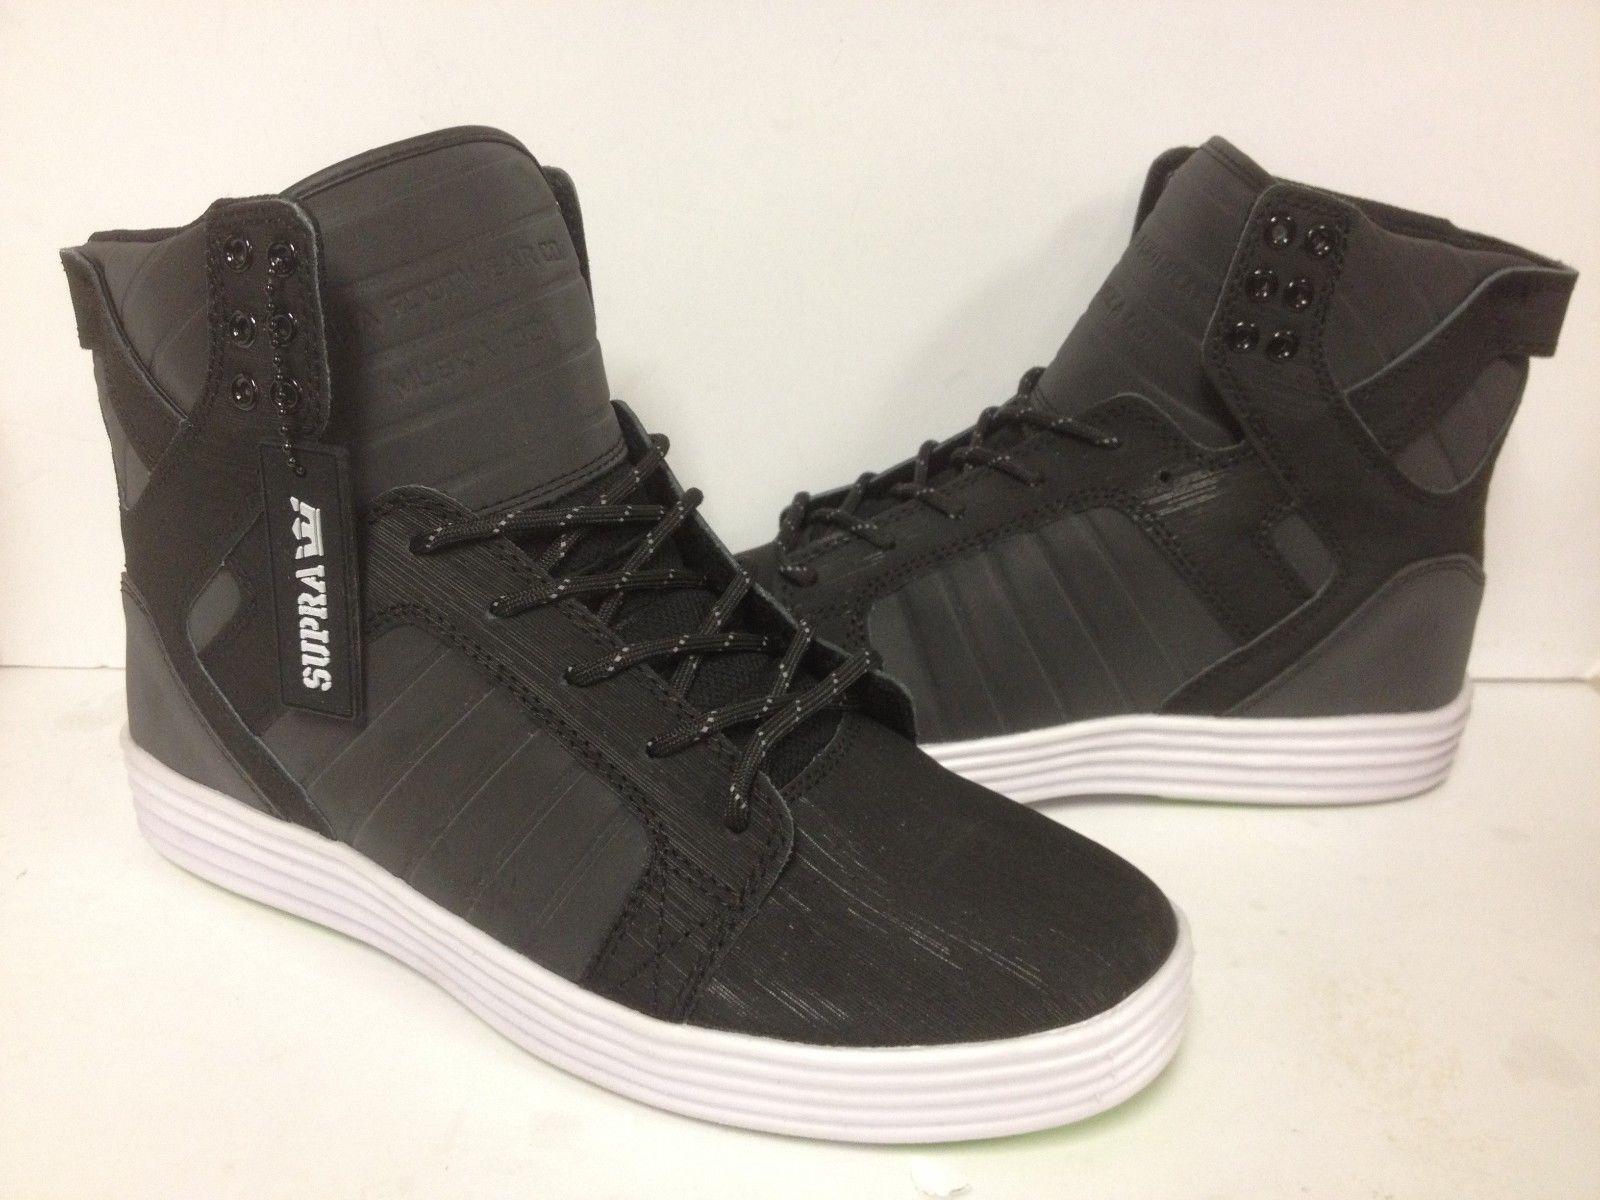 """S81003 Supra Skytop Lite """"Addams"""" Skate Shoe Black/White Sizes 7.5-10 New In Box"""